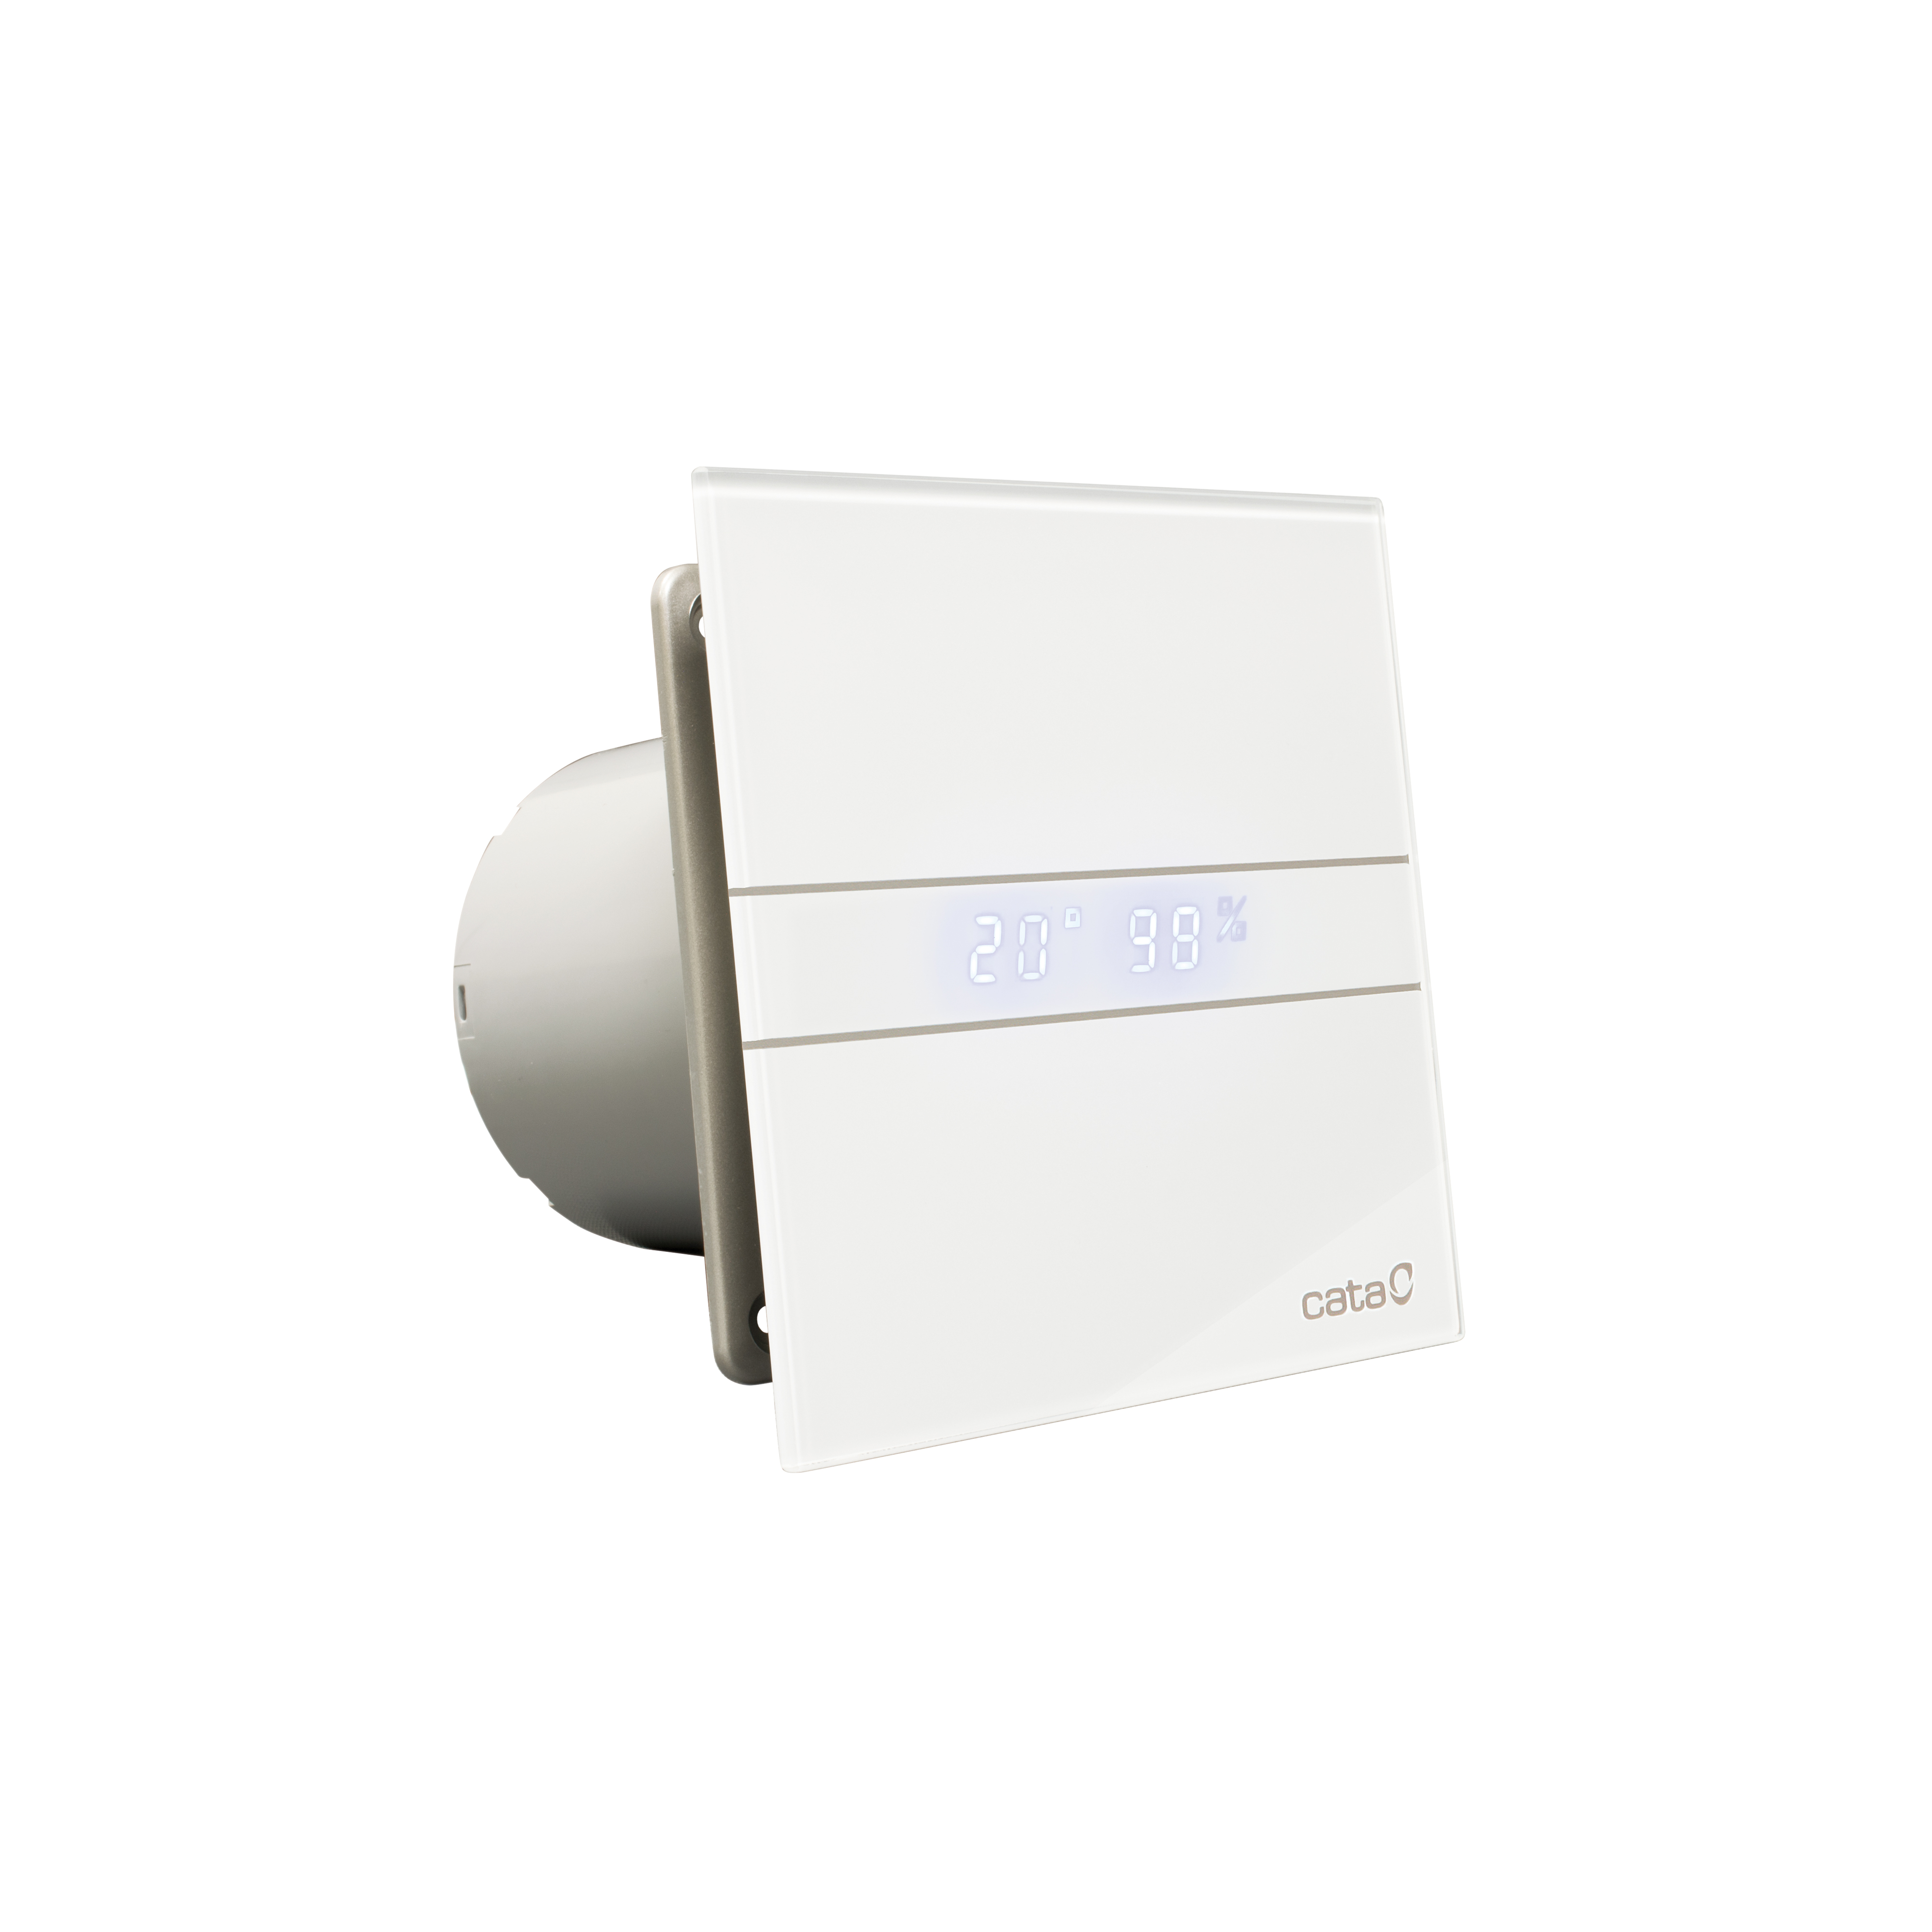 Вентилятор e-120gth. Для влаж. Табло CATA вентилятор e 100 gbk стекло черный cata